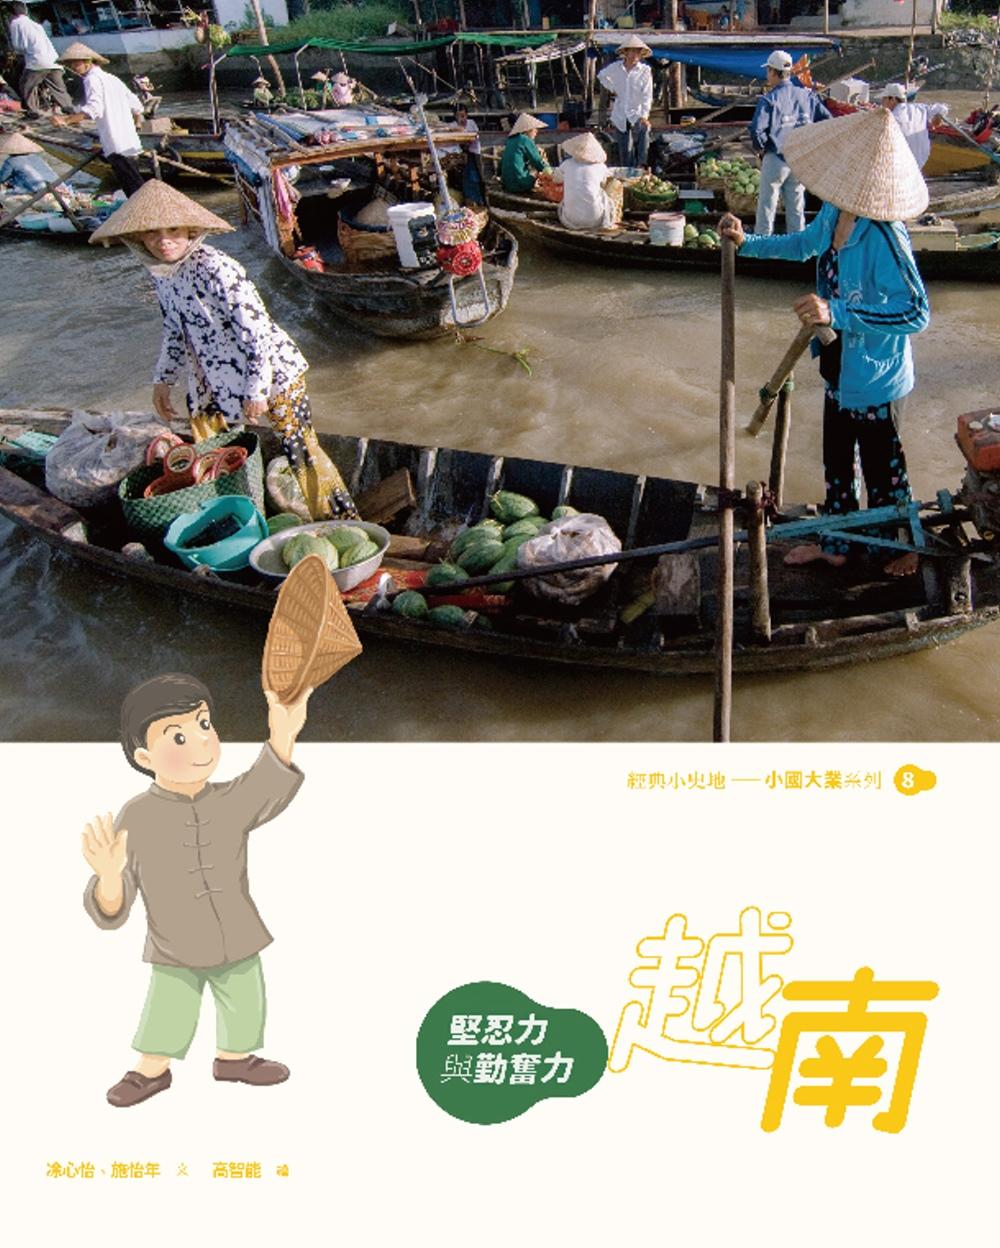 越南:堅忍力與勤奮力